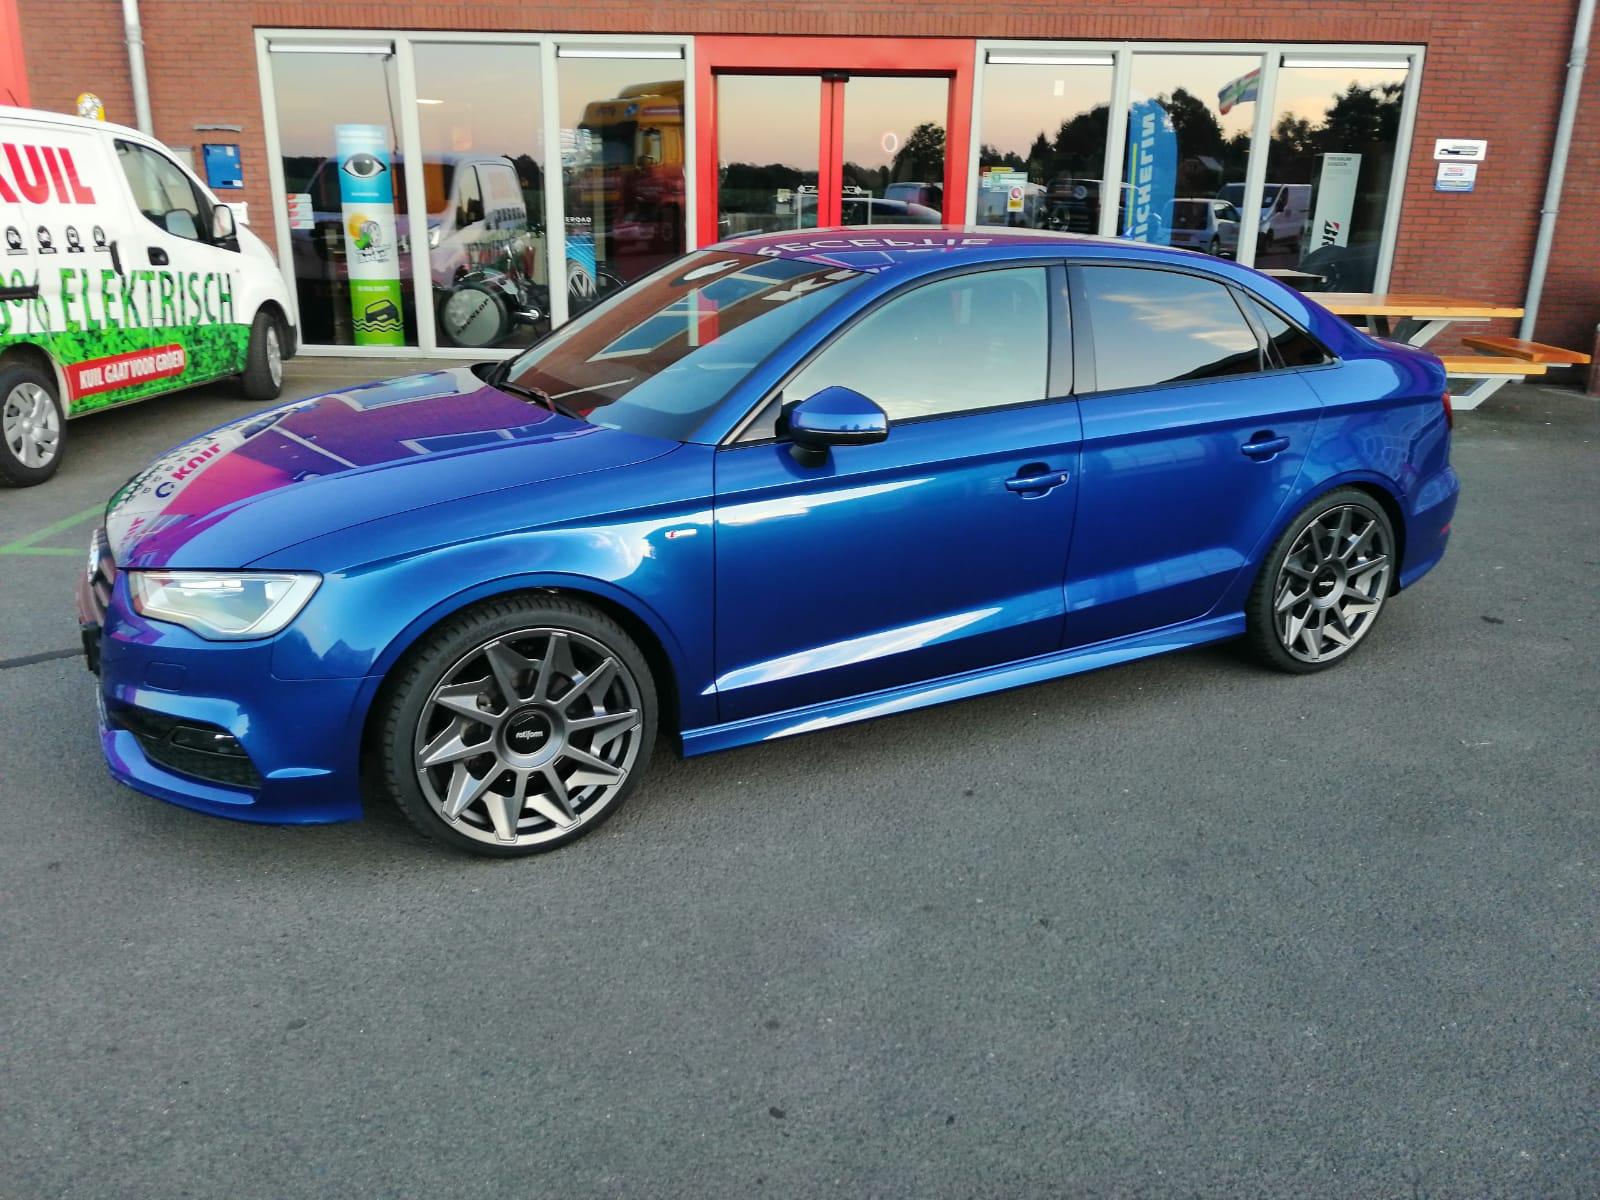 Zeer Mooie Audi Op Rotiform Velgen Kuil Banden Blog